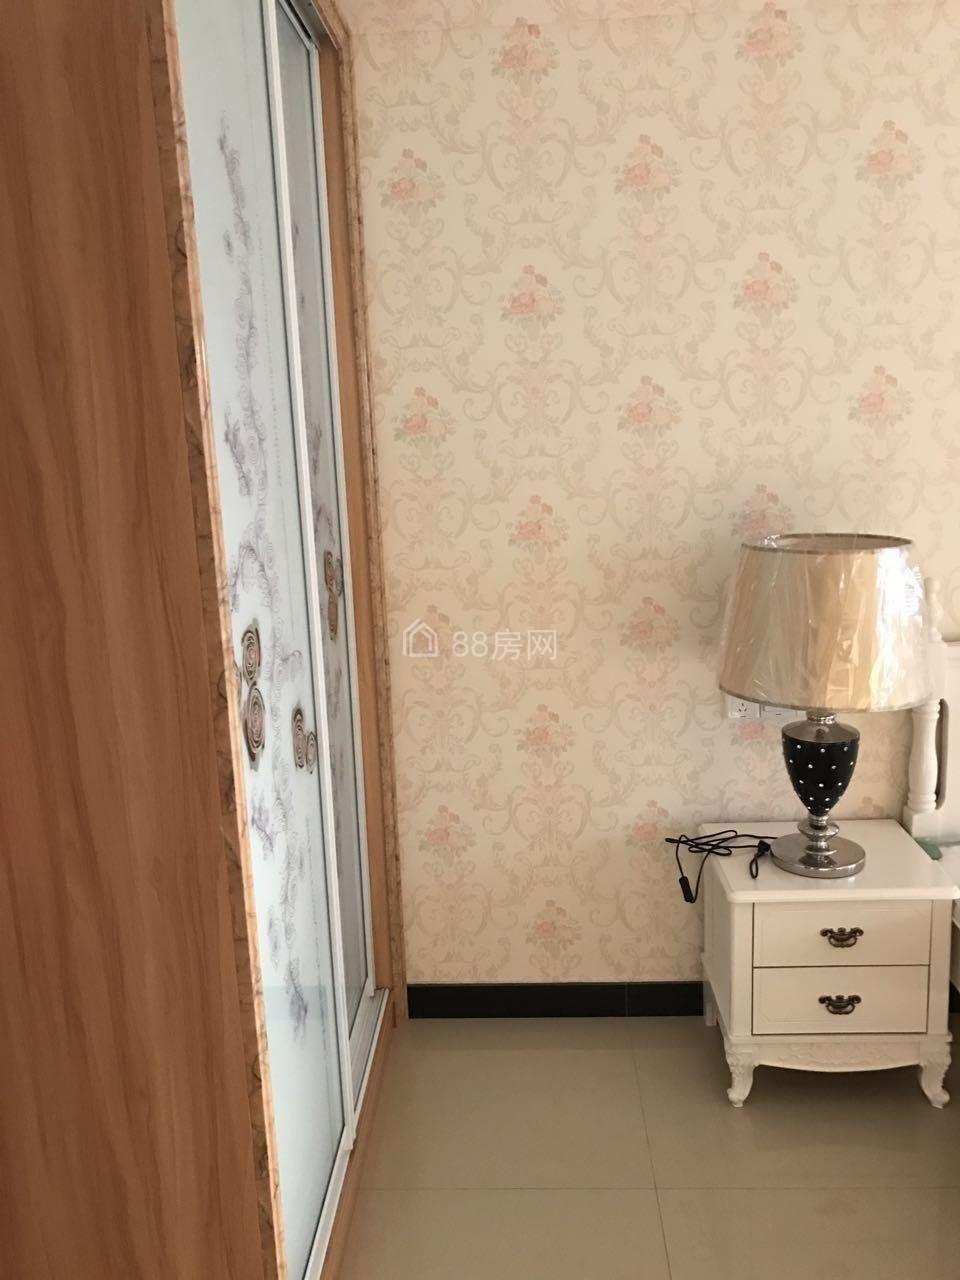 吾悦广场暨阳湖附近精装修一室一厅朝西适合附近单身情侣工作者的